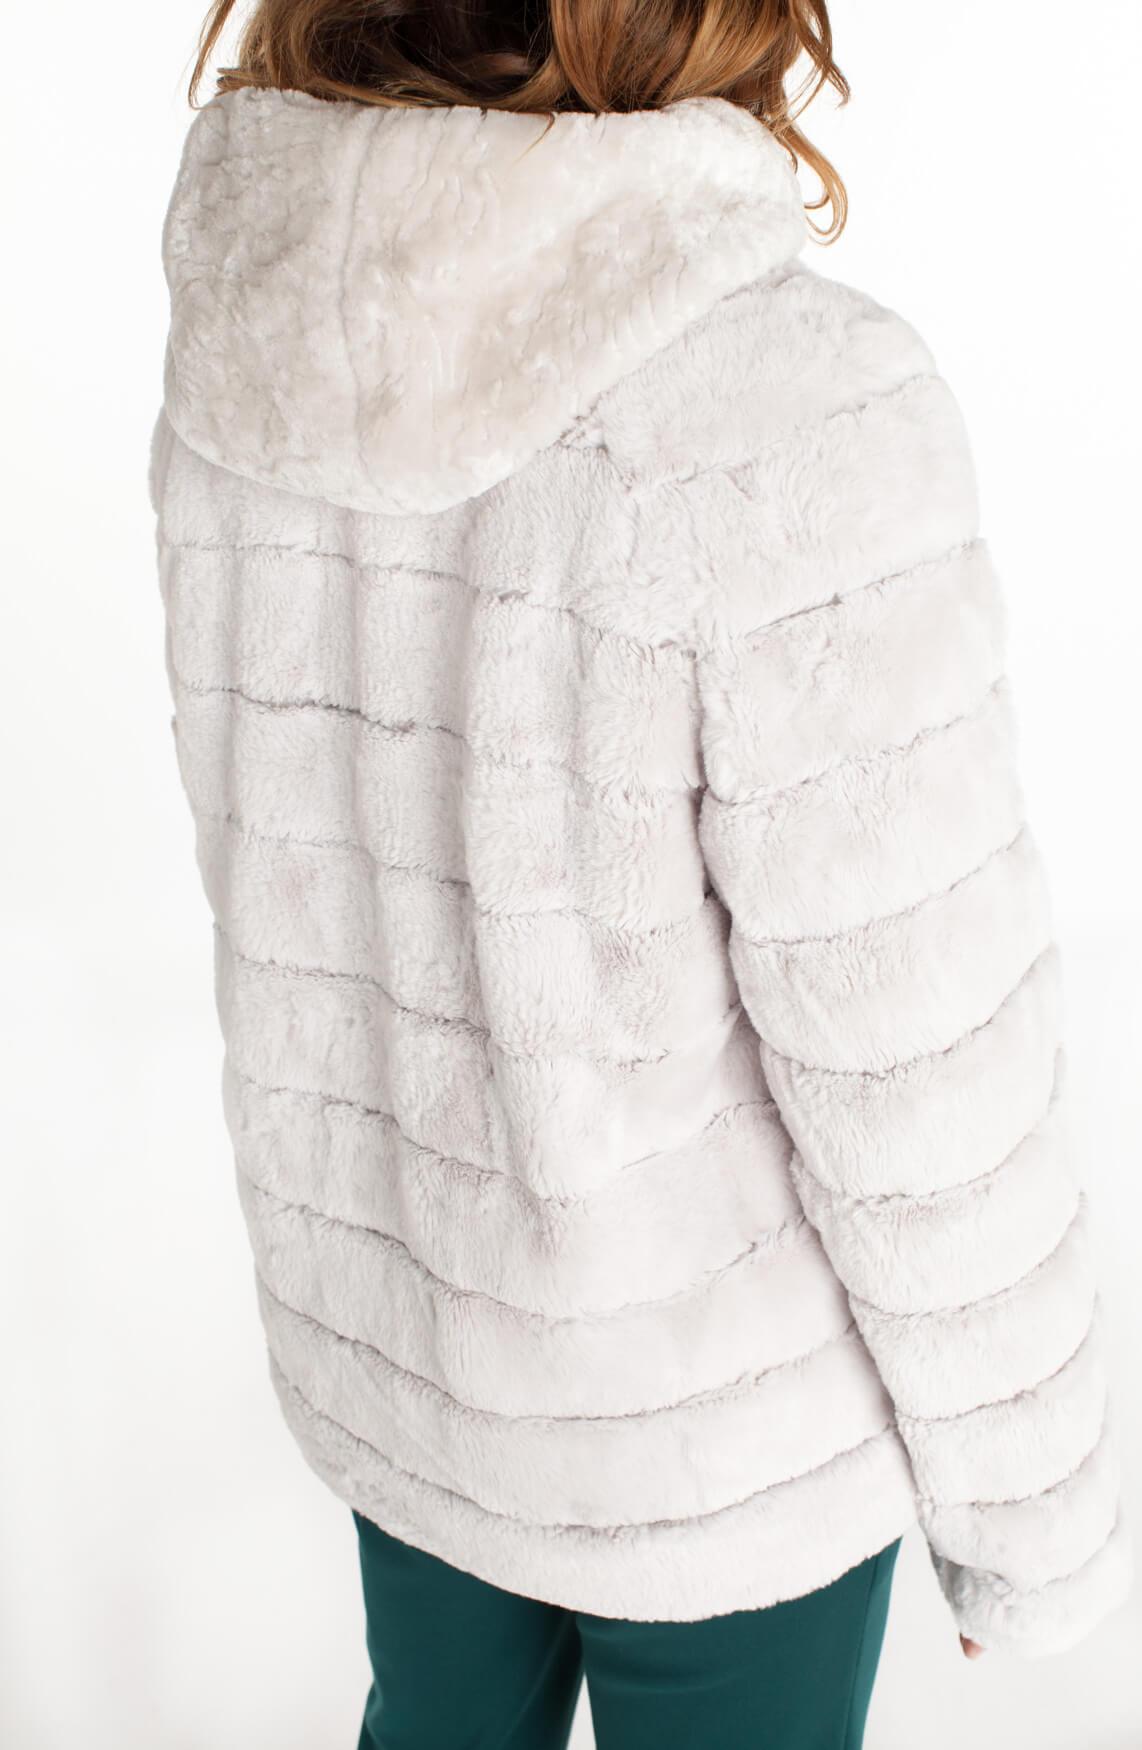 Beaumont Dames Imitatie bontjasje wit